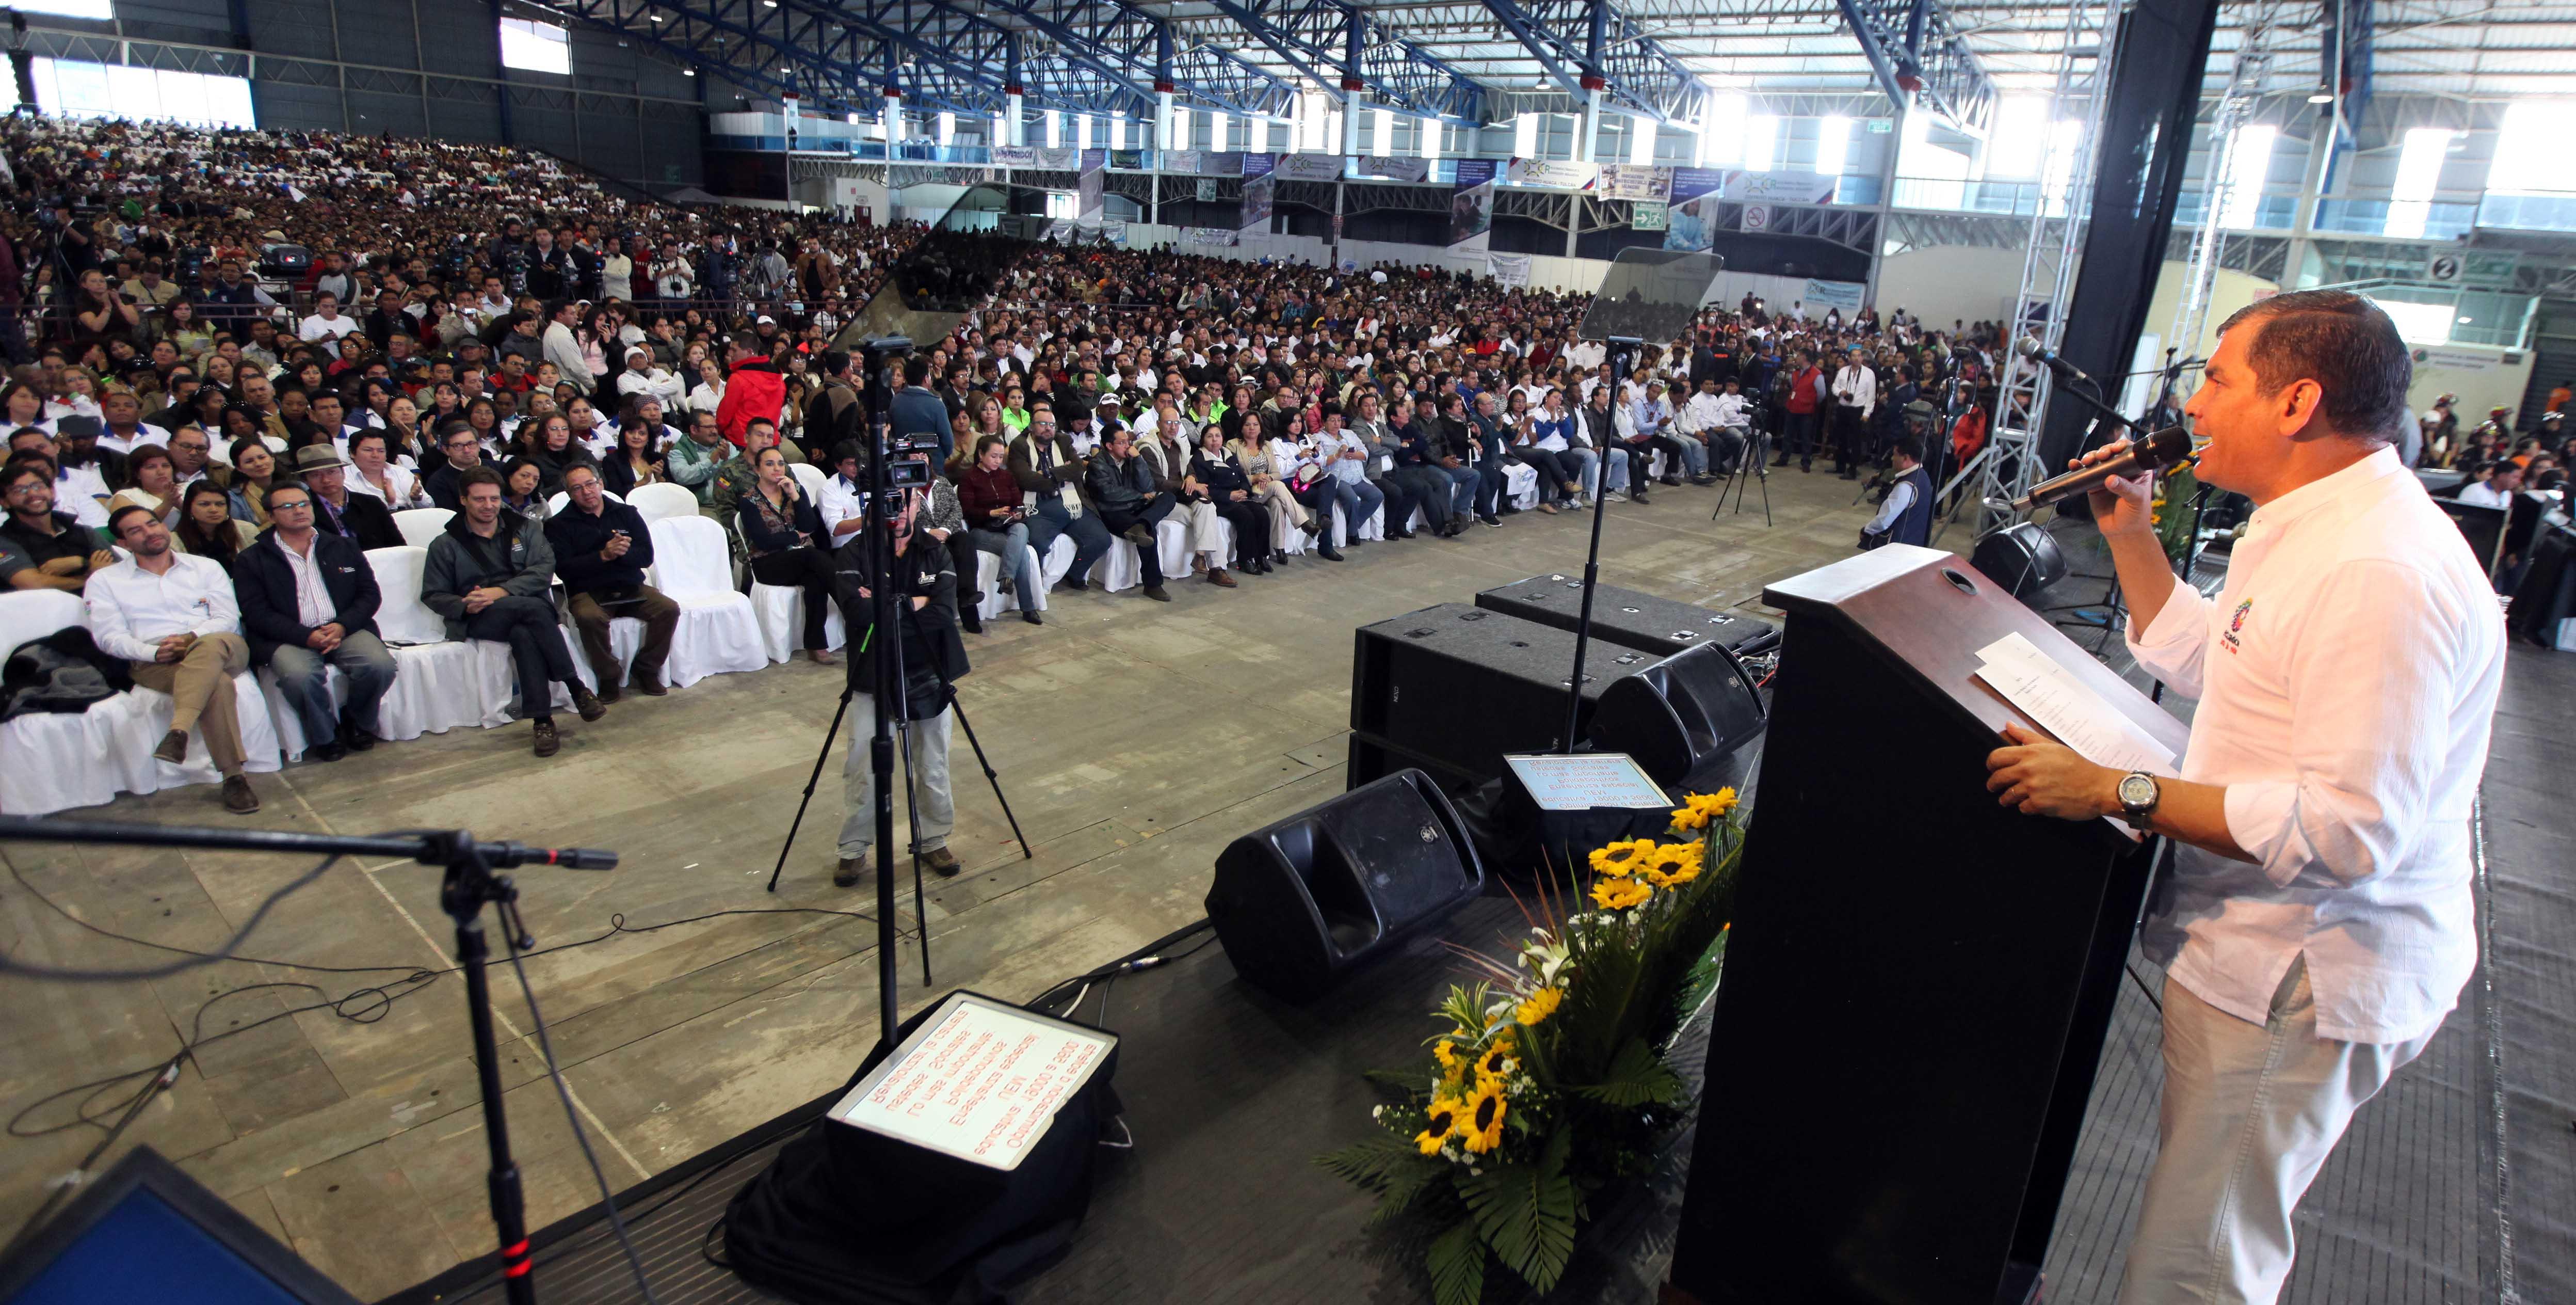 Pomasqui (Pichincha), 07 feb 2015.- El presidente Rafael Correa asistió esta mañana, a la asamblea constitutiva de la Red de Maestros y Maestras de la Revolución Educativa; este evento se dio al noroccidente de Quito y en la actividad participan más de 10.000 personas de todo el país. Estuvieron presentes la presidenta de la Asamblea Nacional, Gabriela Rivadeneira; los ministros de Educación, Augusto Espinosa, Coordinador de Talento Humano, Guillaume Long y otros miembros del Gabinete. Foto: Santiago Armas/ Presidencia de la República